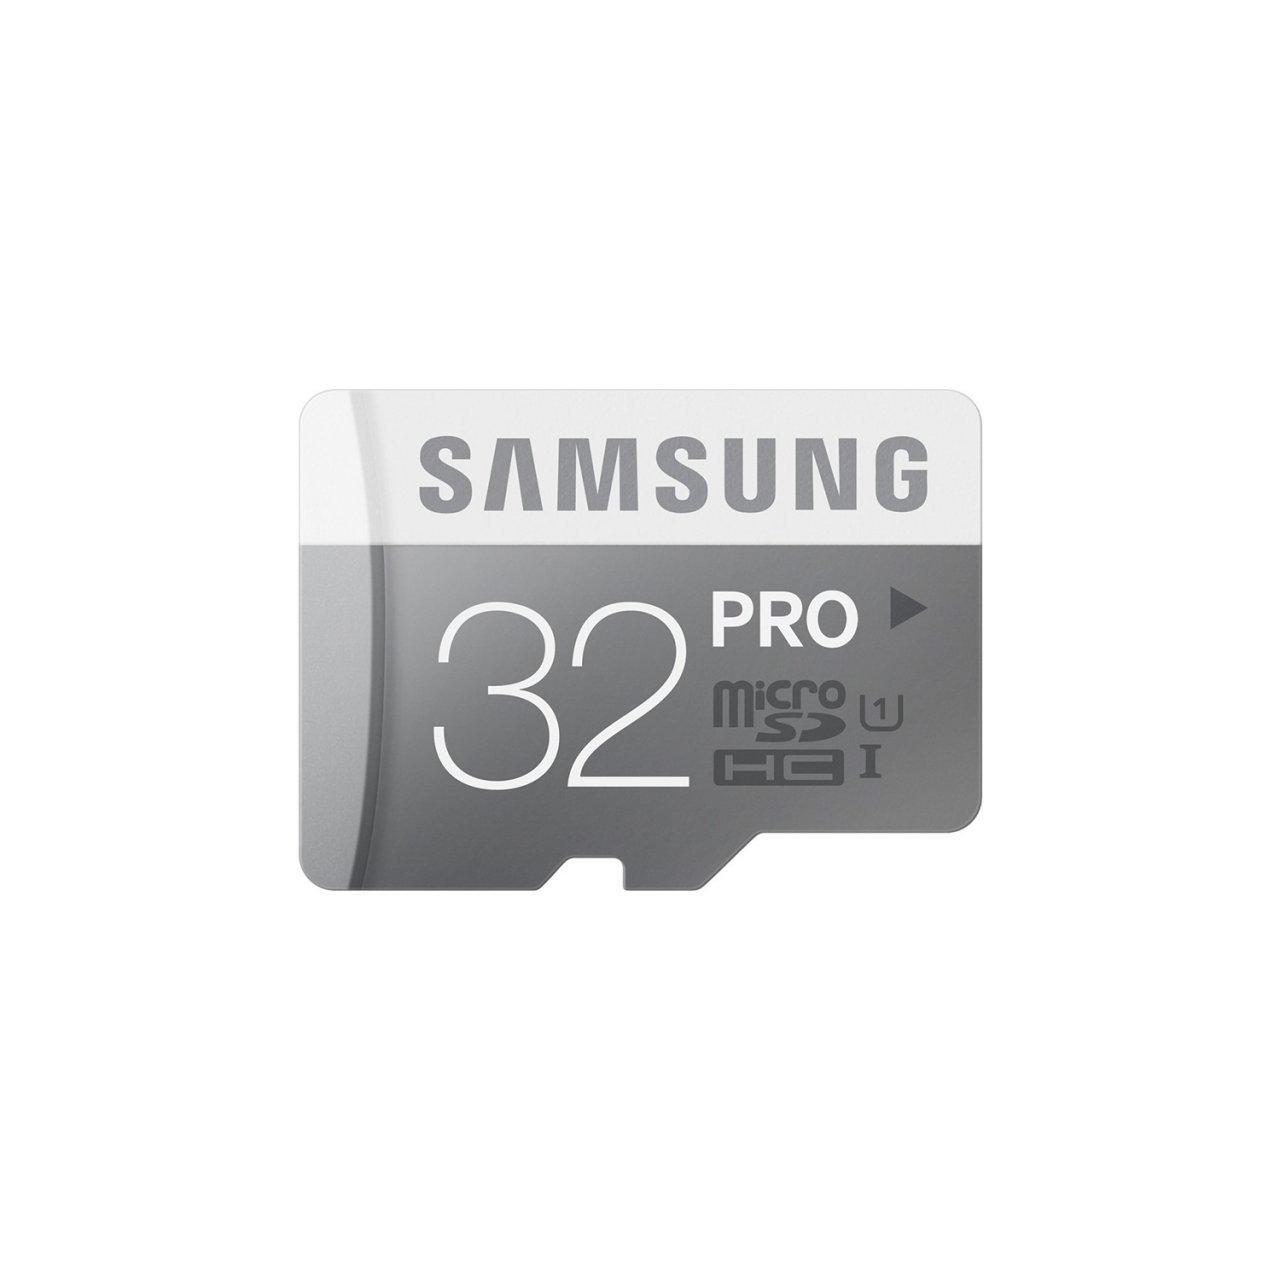 کارت حافظه microSDXC سامسونگ مدل PRO Professional Performance کلاس 10 استاندارد UHS-I U1 سرعت 90MBps ظرفیت 32 گیگابایت